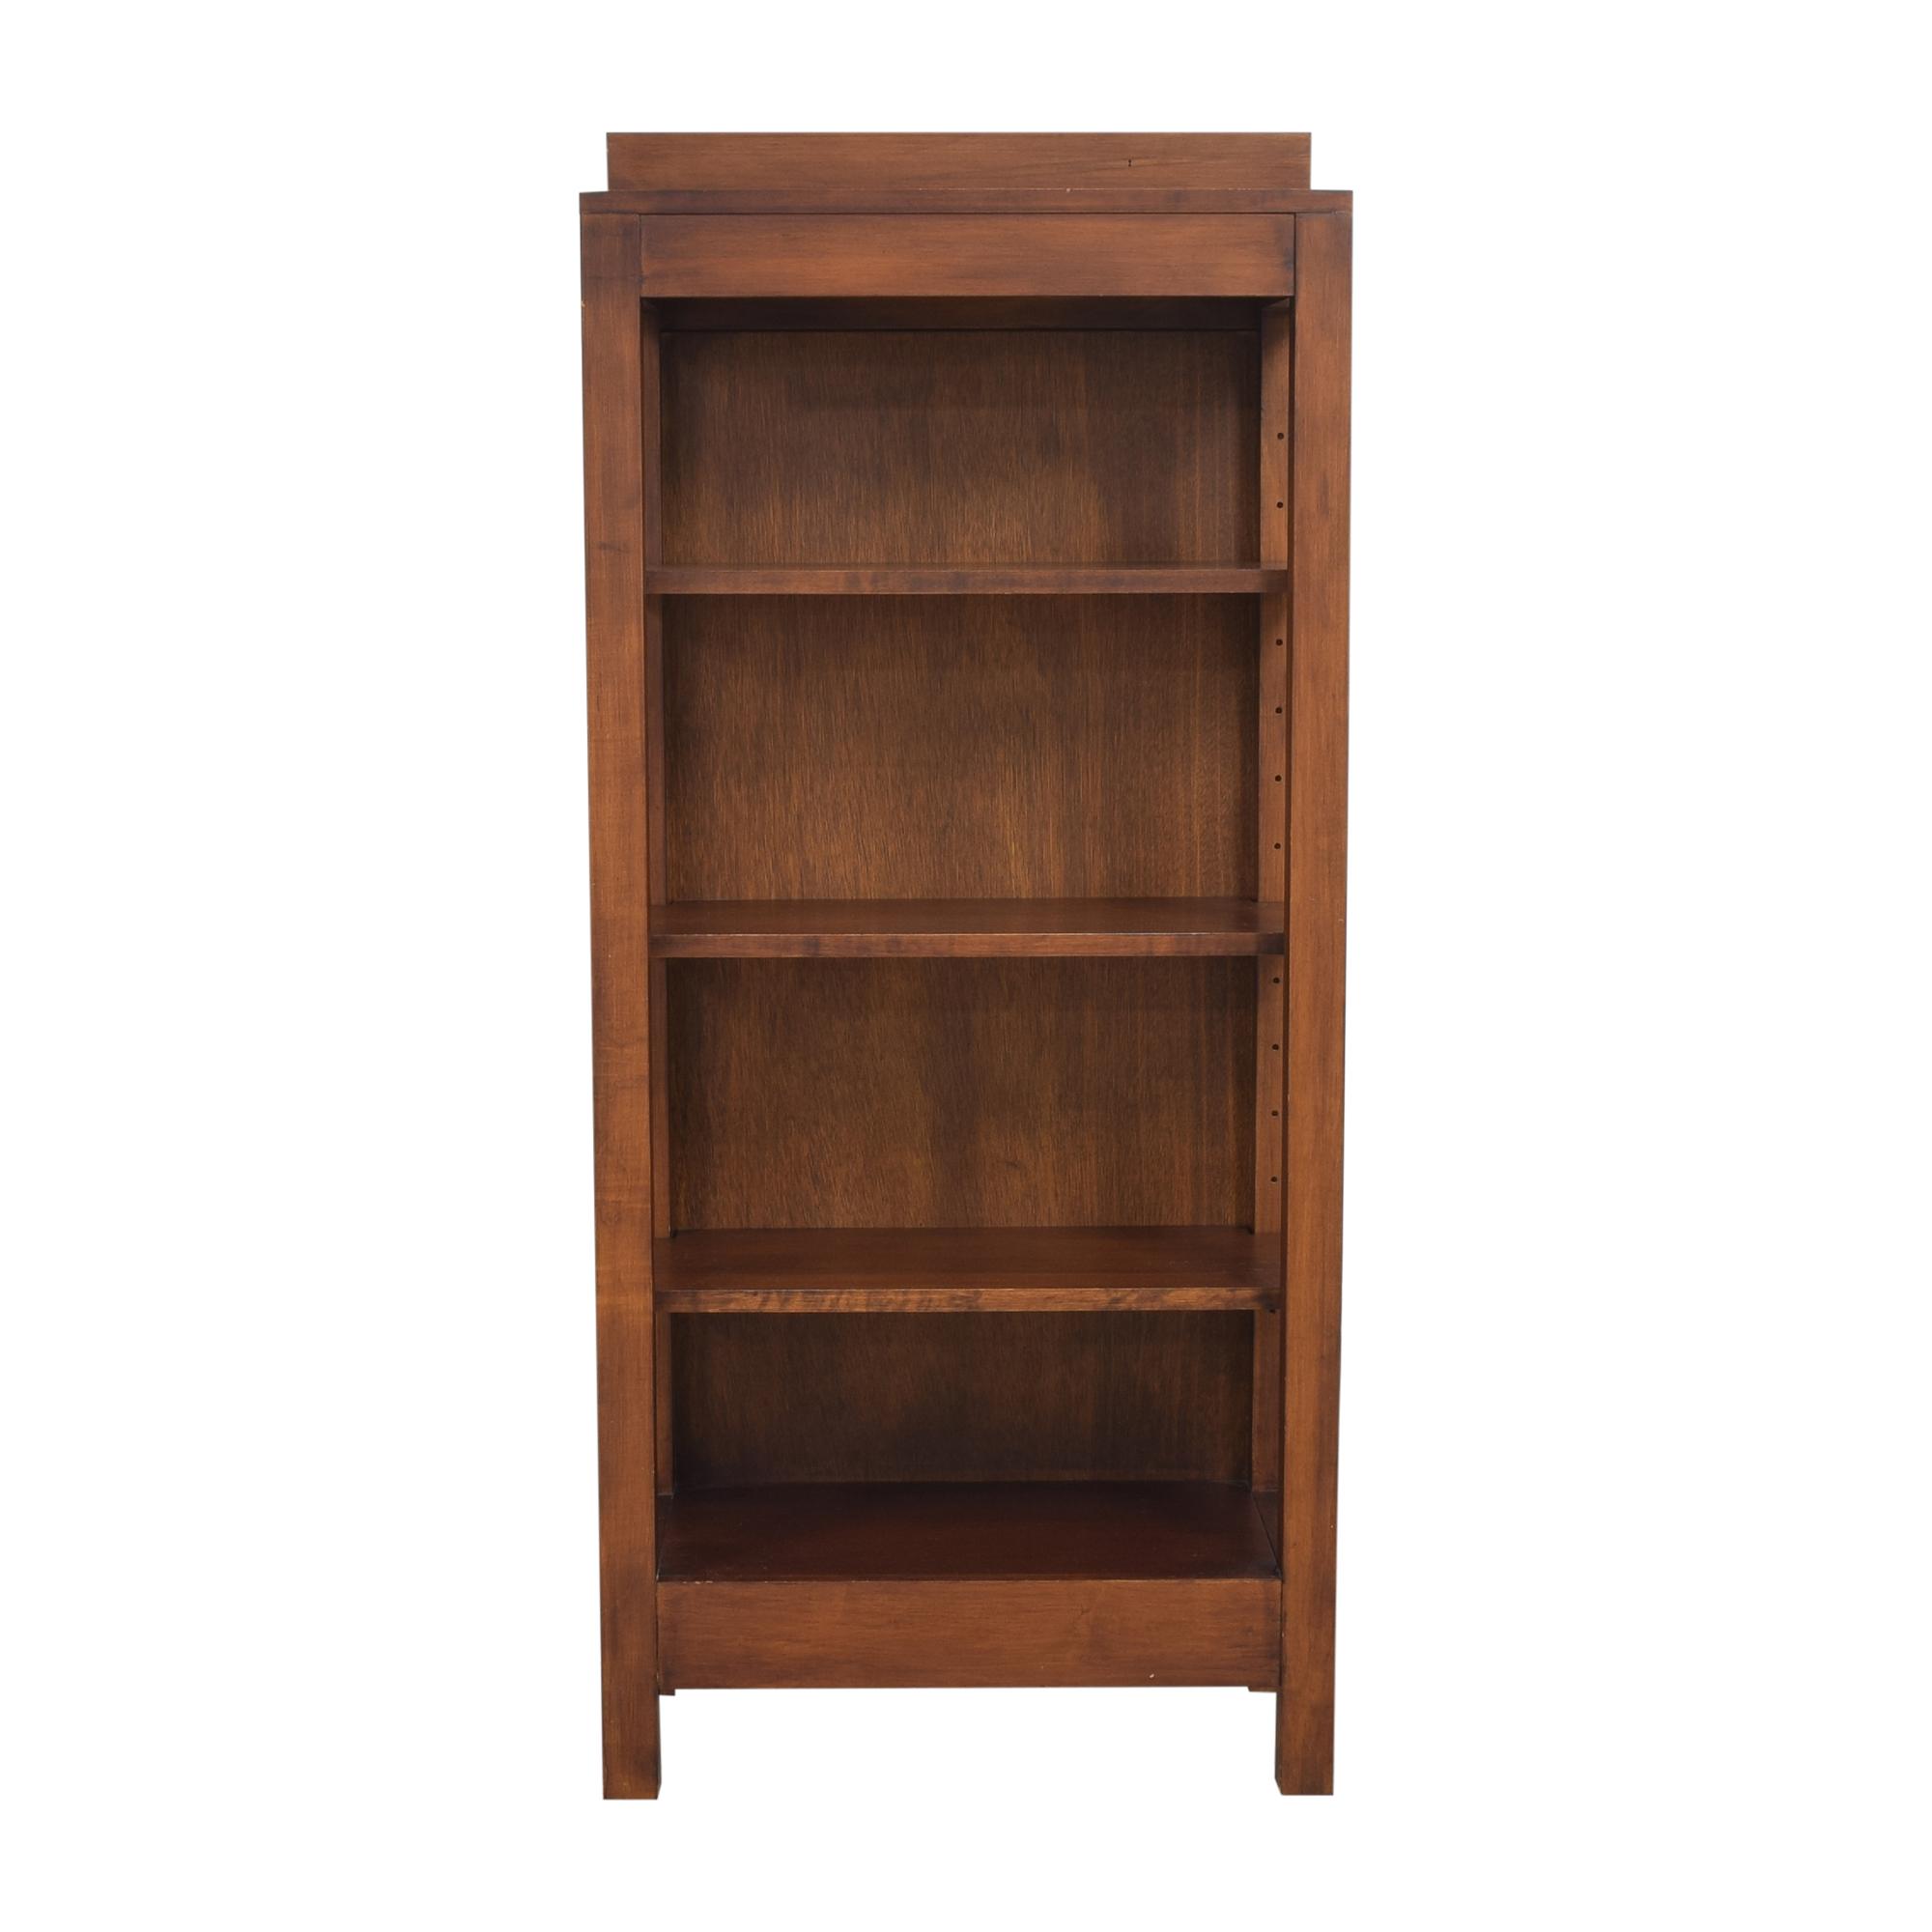 Romweber Romweber Jim Peed Bookcase ma